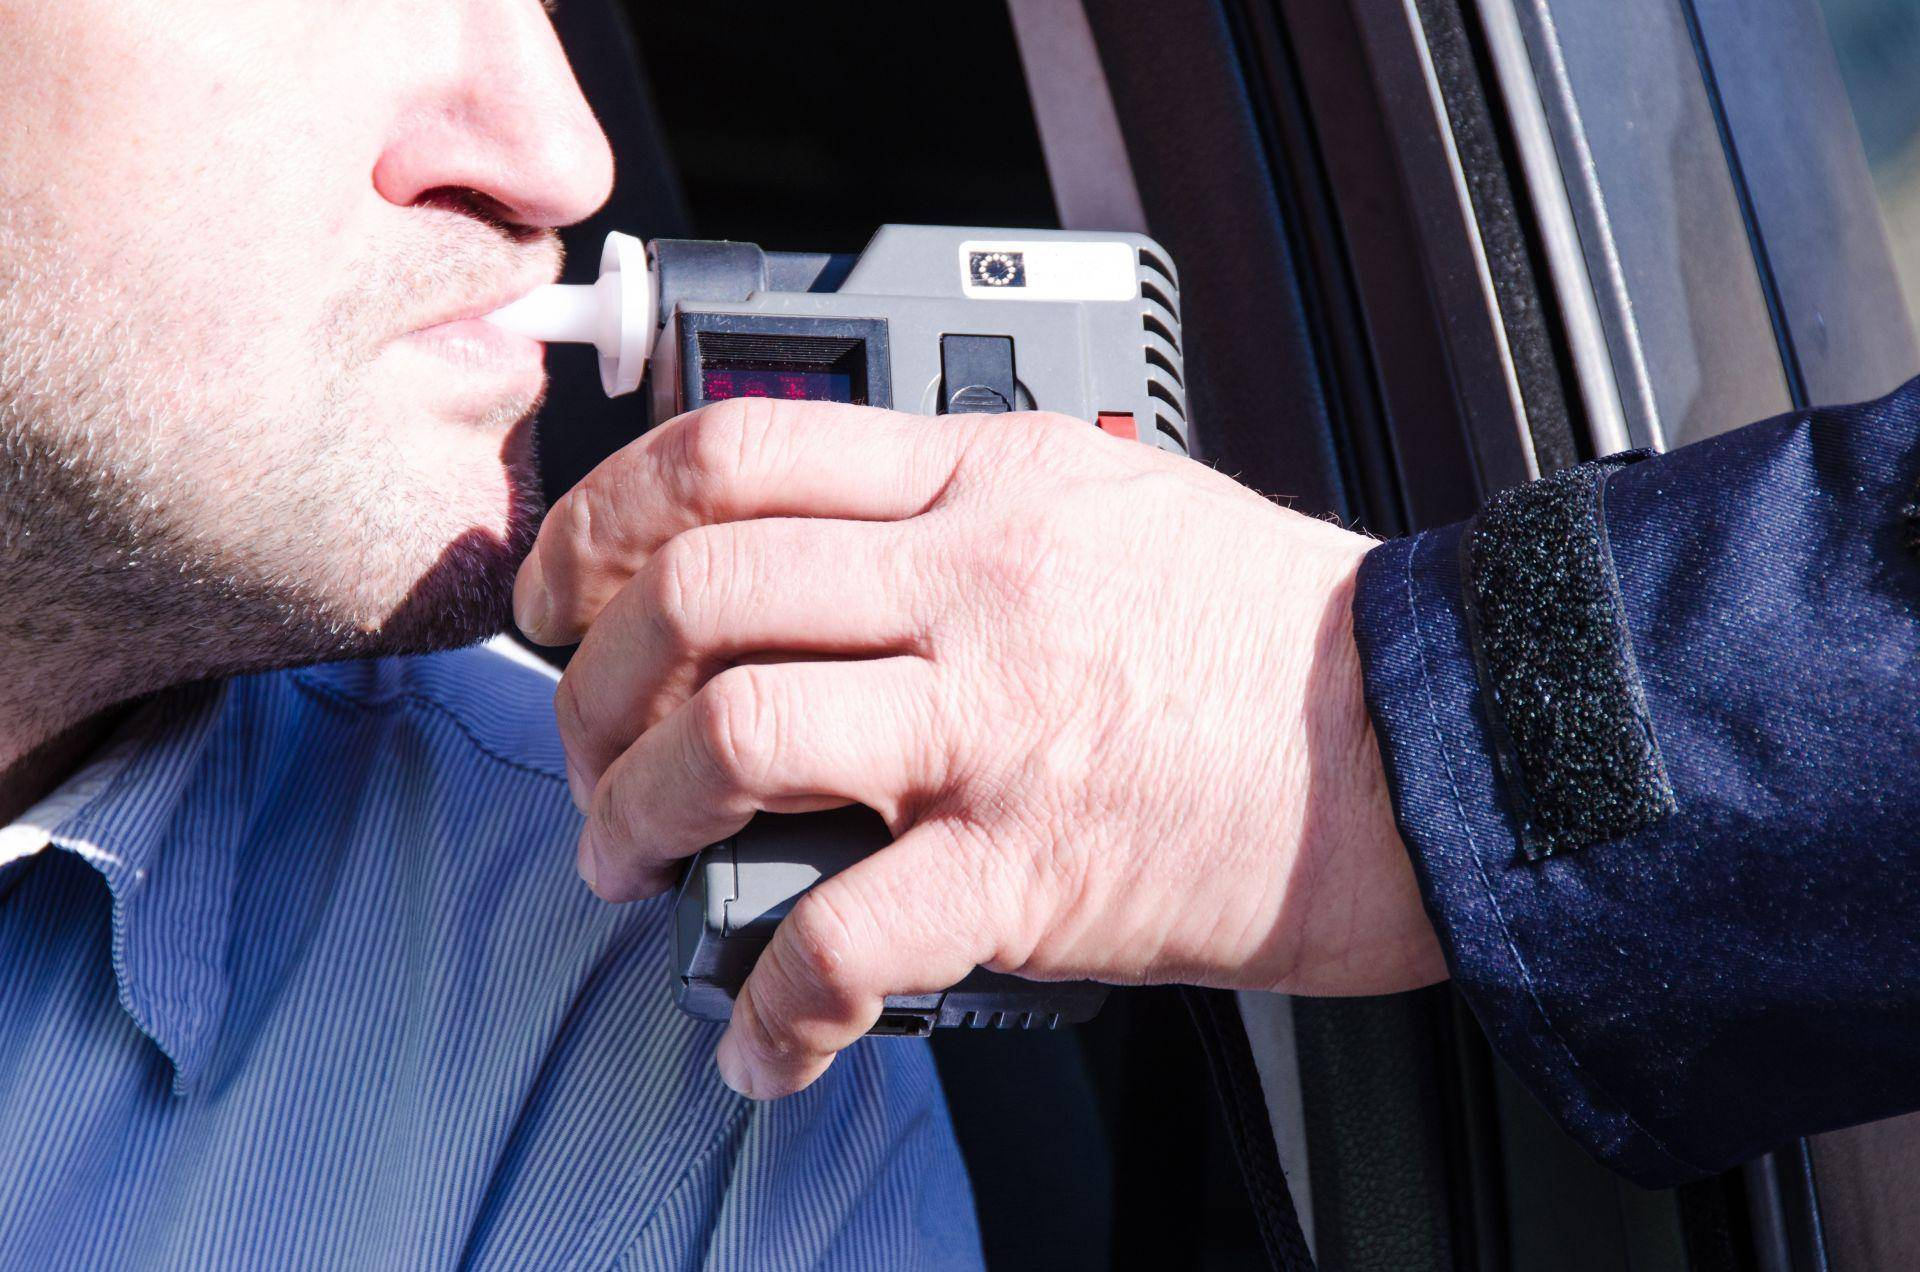 Гибдд готовит новую проверку водителей. чем это может грозить и что нужно знать - бабкин михаил александрович, 13 февраля 2020